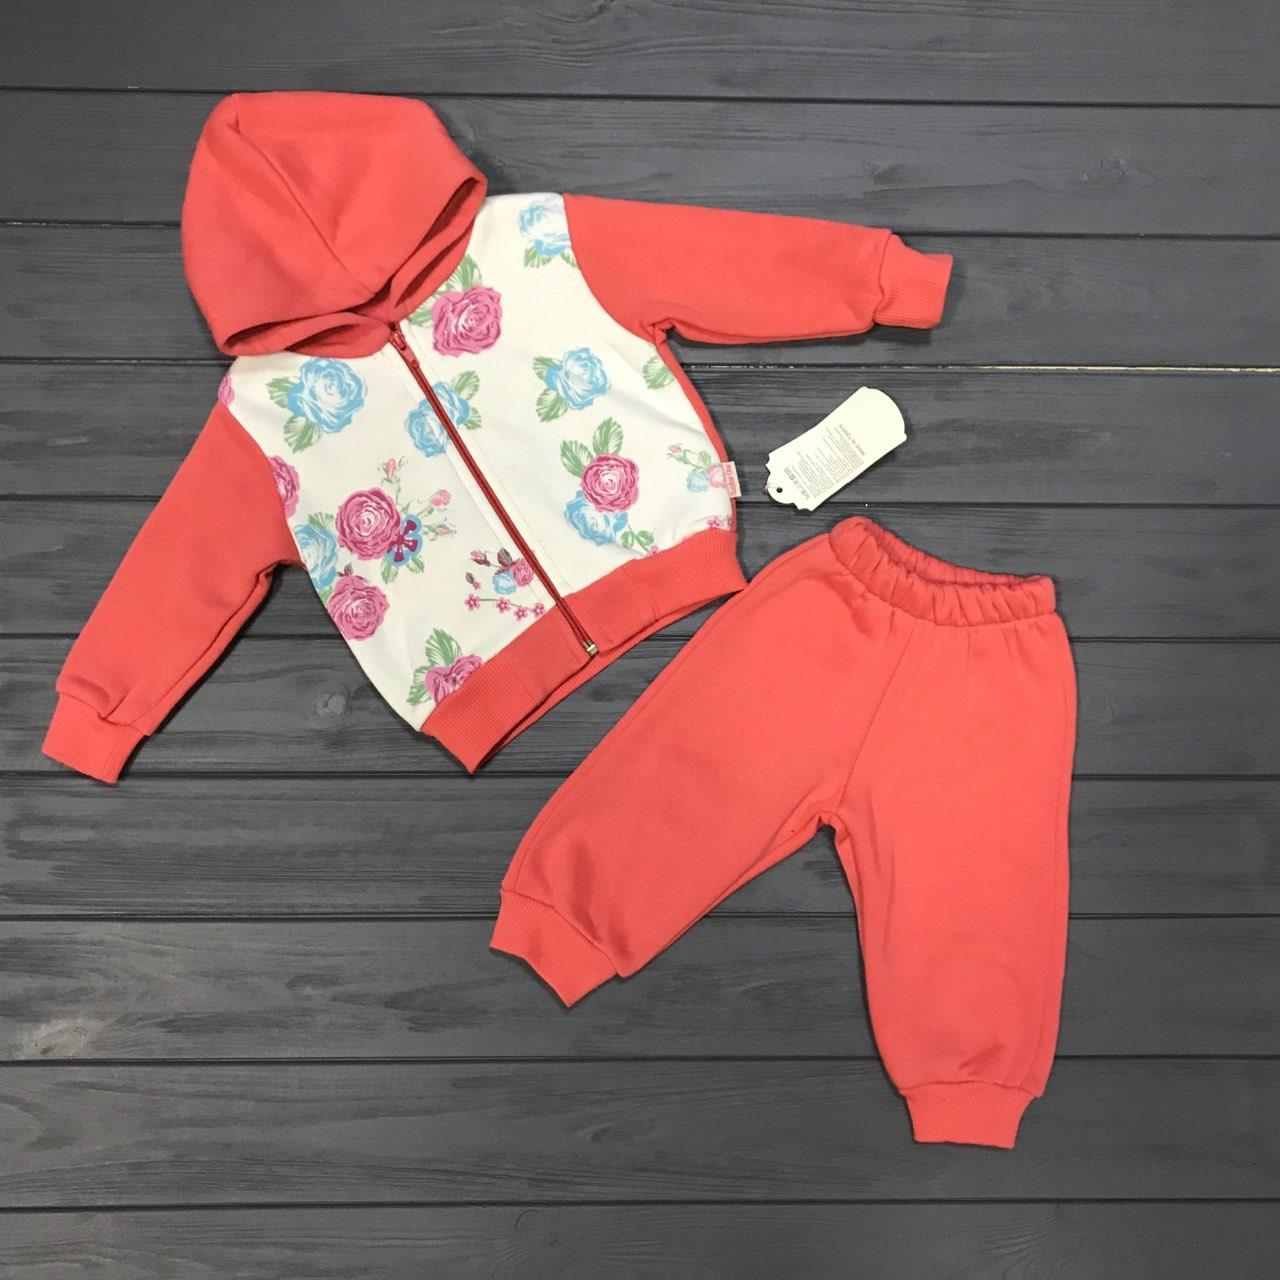 Детский костюм спортивный тёплый с начёсом для девочек оптом р.1-2-3-4 года